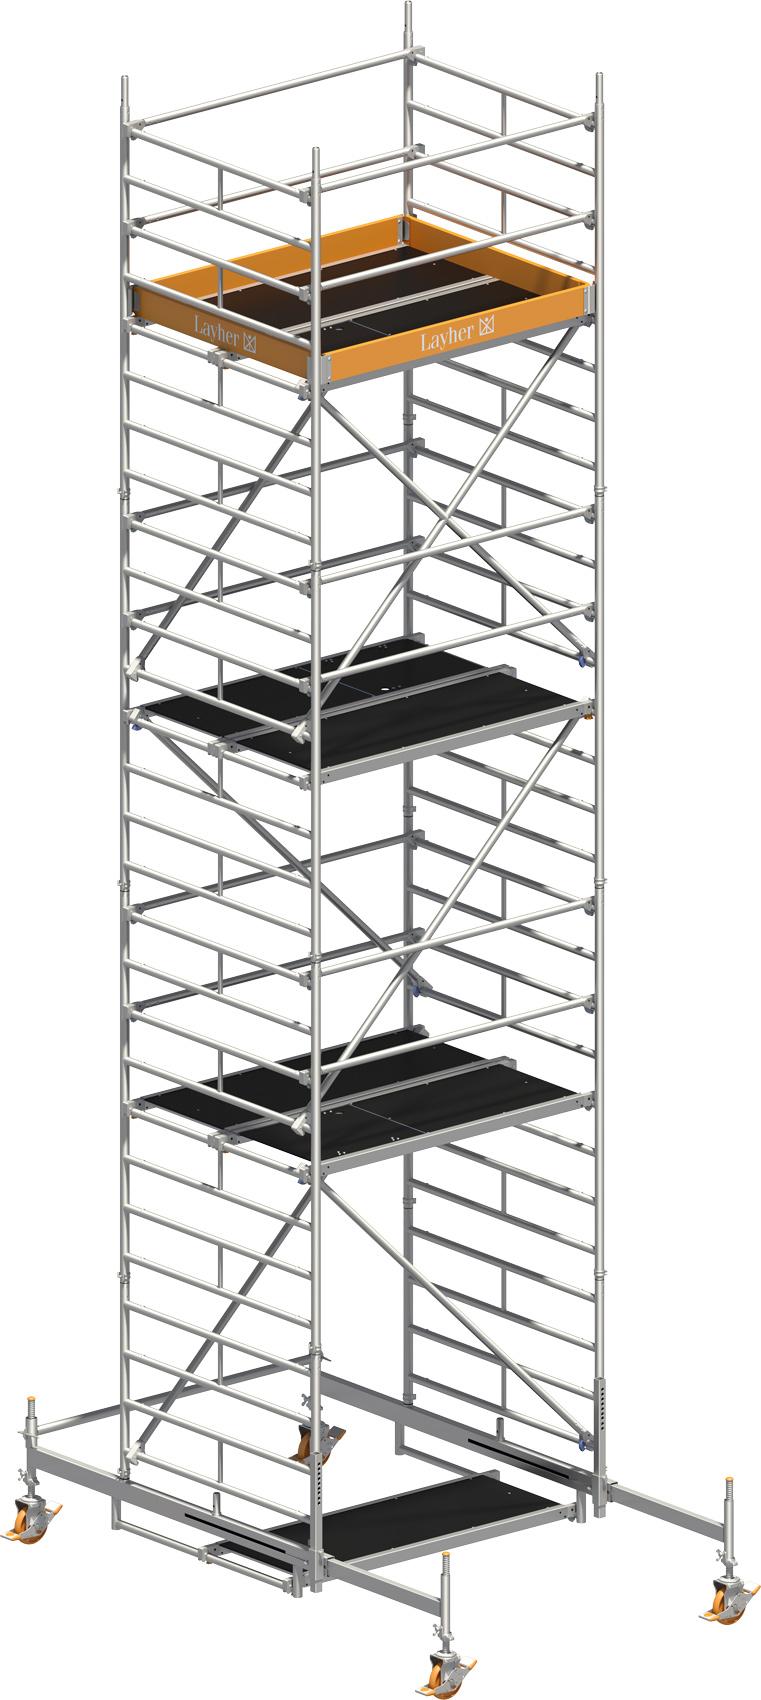 Fahrgerüst Layher Uni Kompakt P2 1405006 mit Diagonal-Optimierung